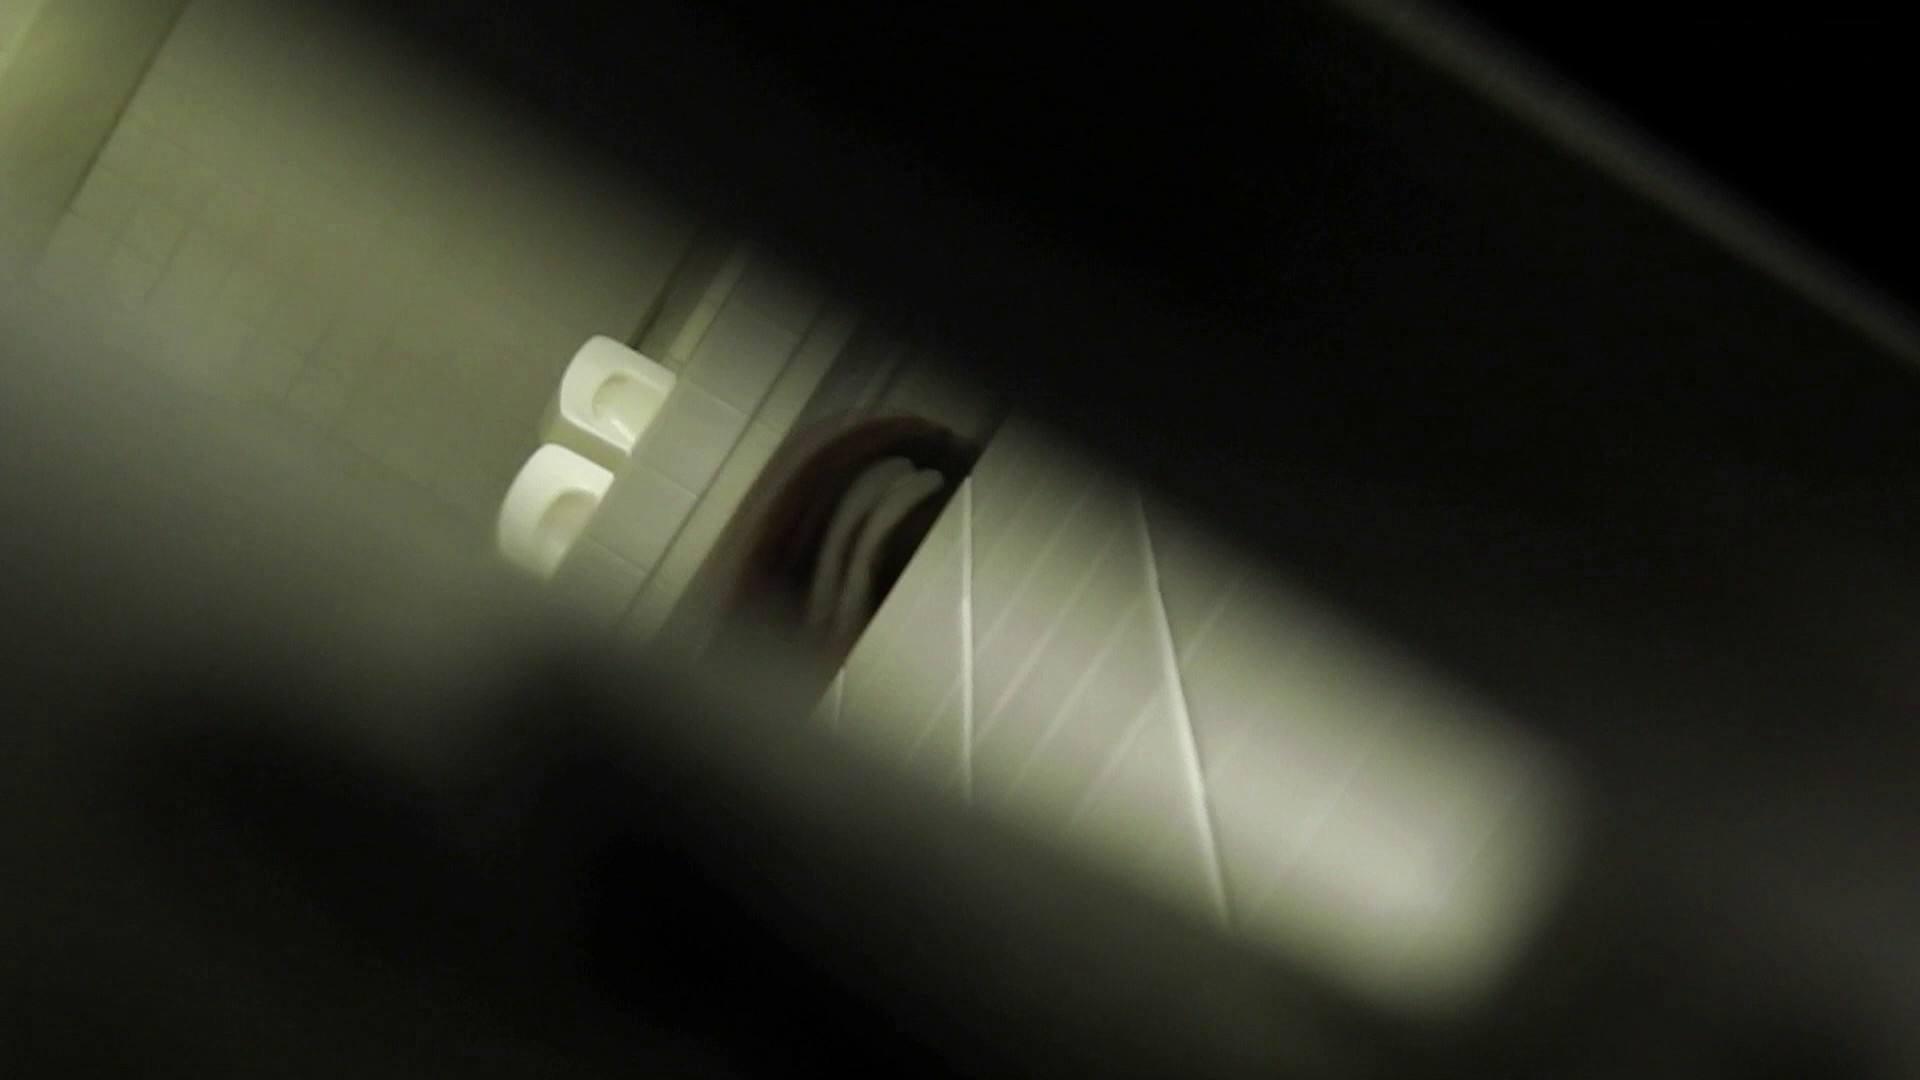 お銀 vol.72 あのかわいい子がついフロント撮り実演 美人編 | 洗面所  71画像 8